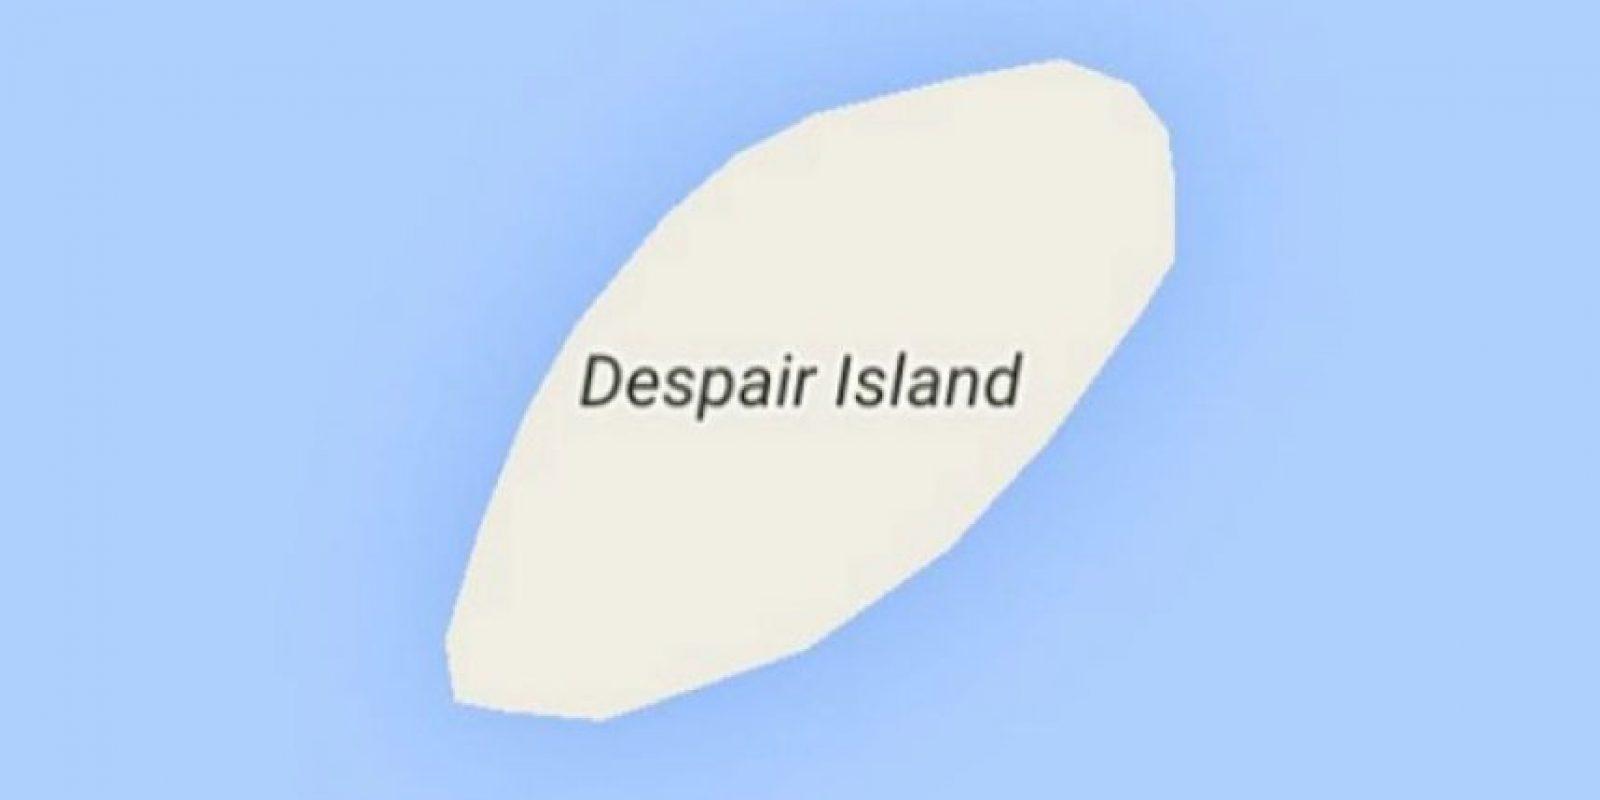 Despair Island (Narragansett Bay, Newport County, Rhode Island, Estados Unidos) Foto:Vía Instagram @sadtopographies